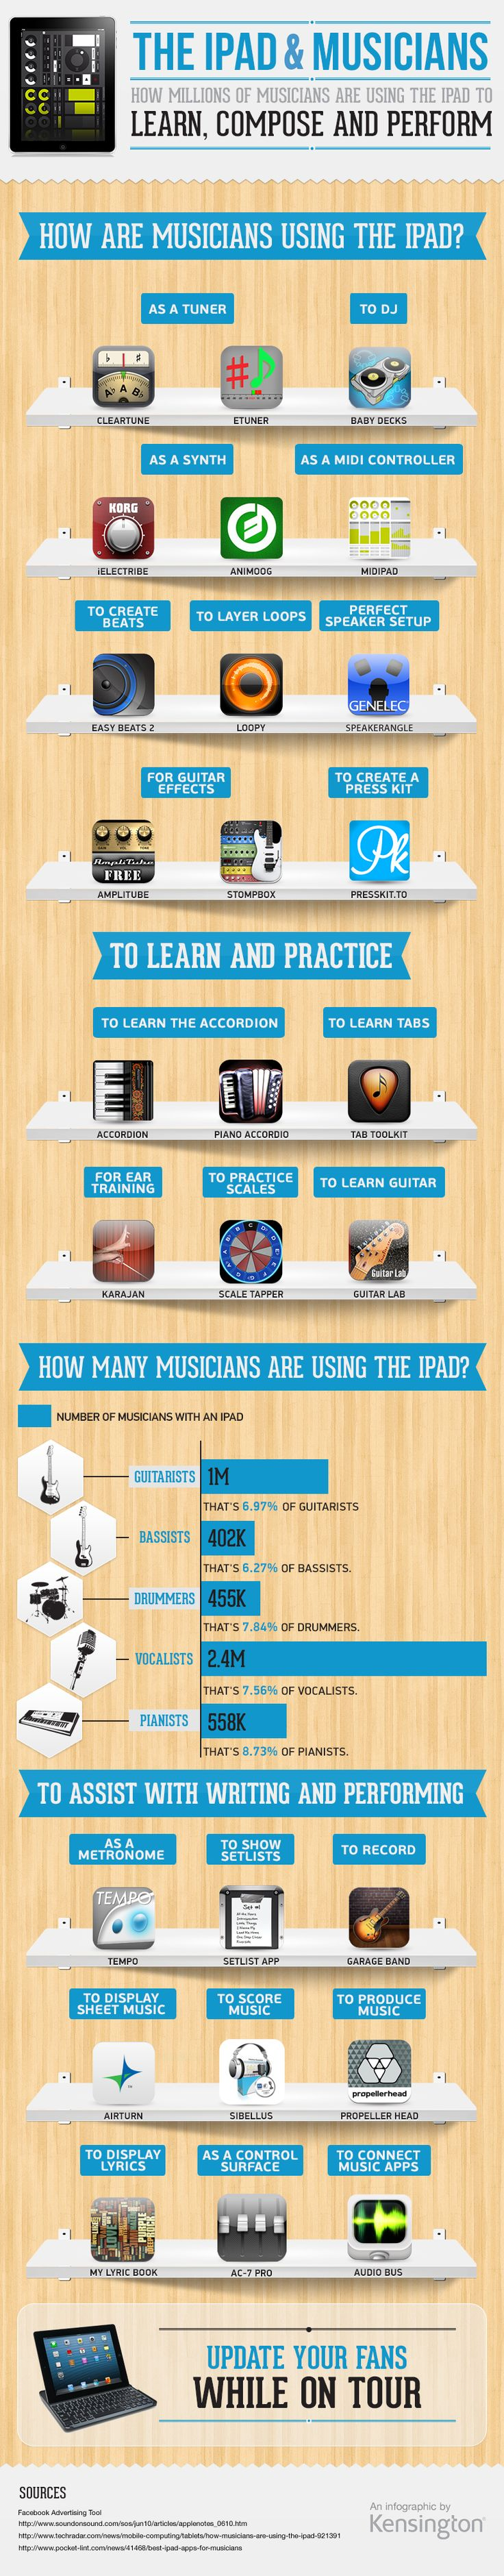 Cómo usan el iPad los músicos #infografia #infographic #apple